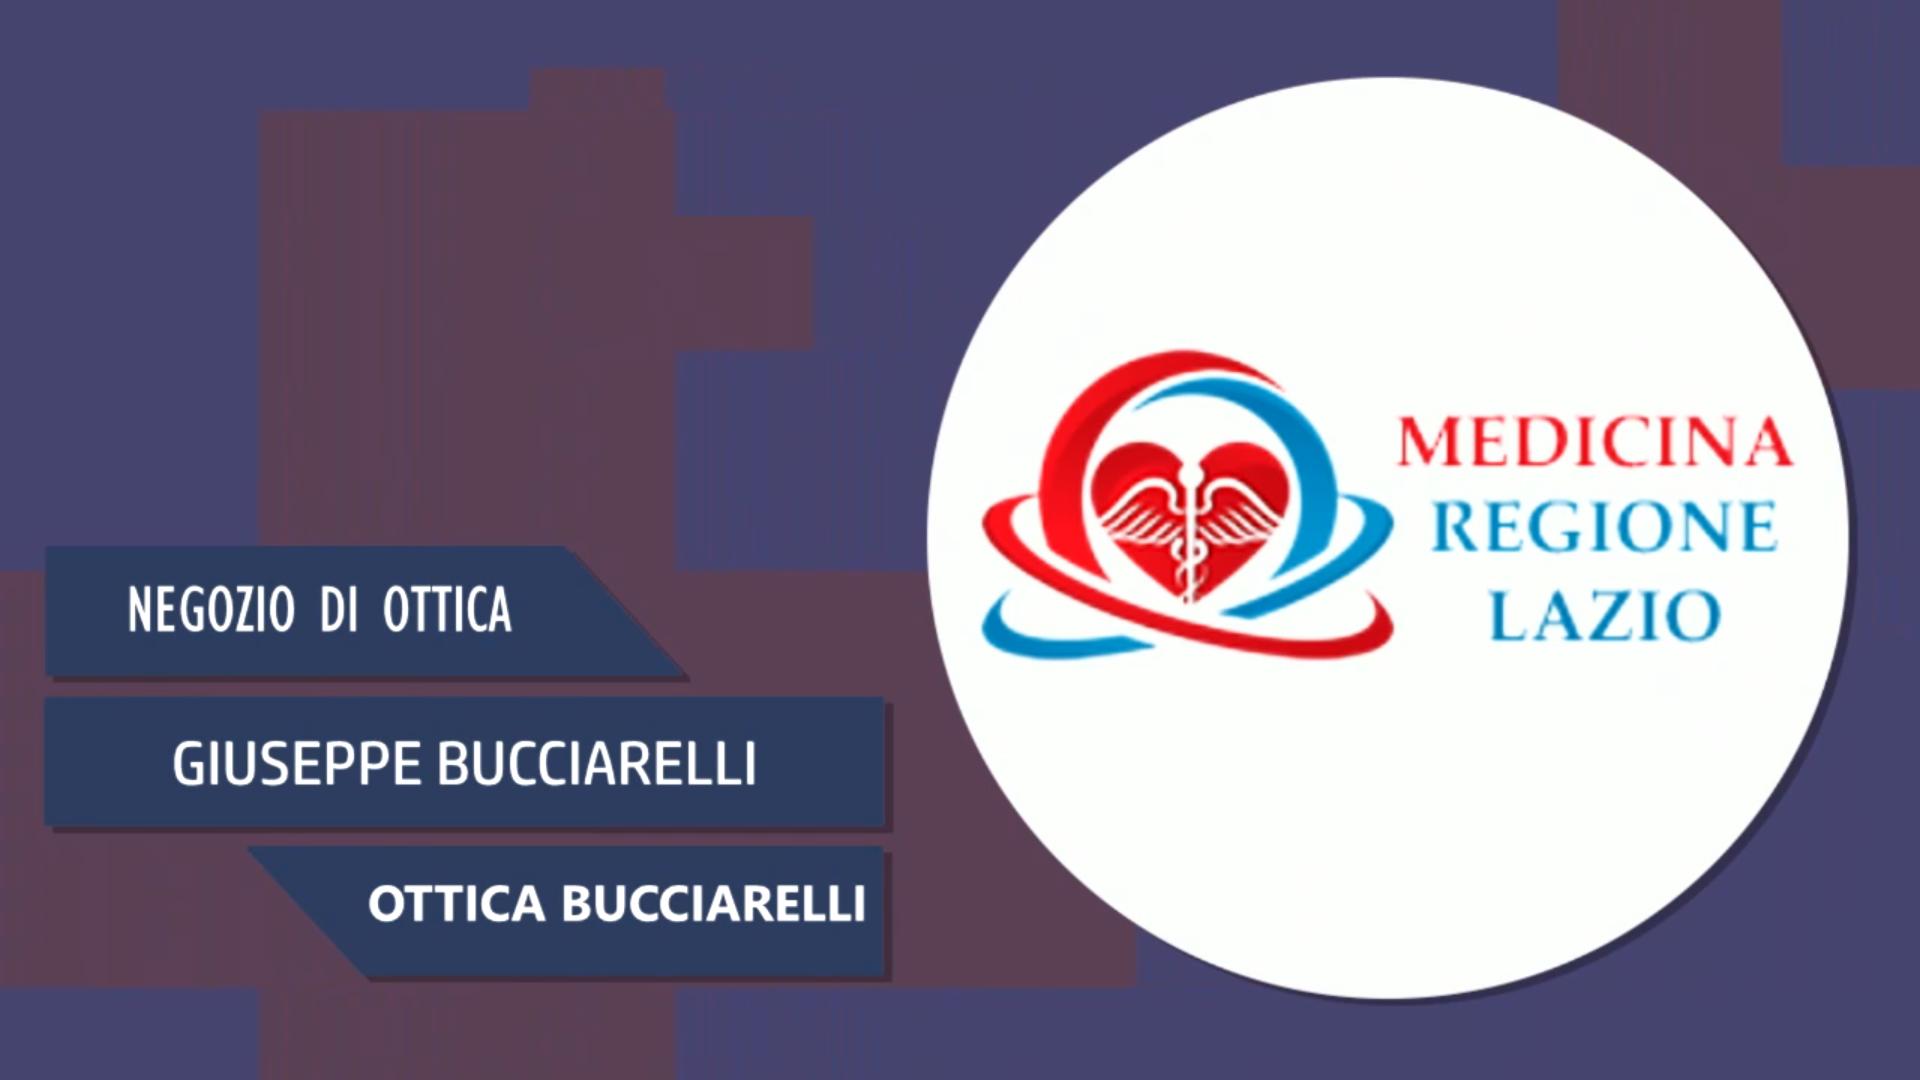 Intervista a Giuseppe Bucciarelli – Ottica Bucciarelli